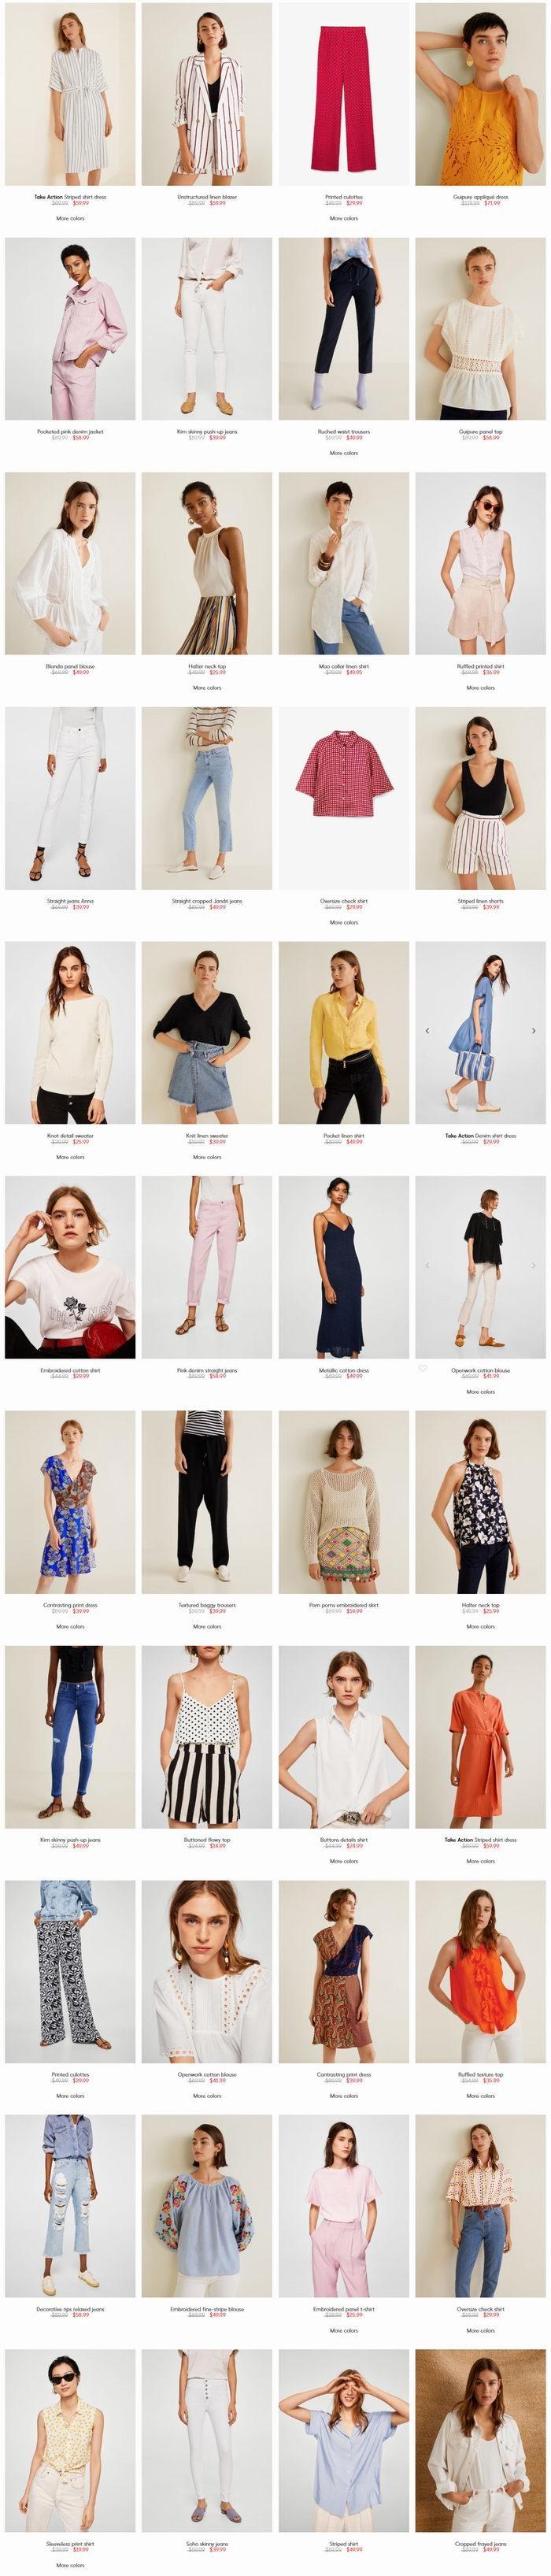 与众不同的漂亮!MANGO特卖区初秋服饰 4.4折起优惠!